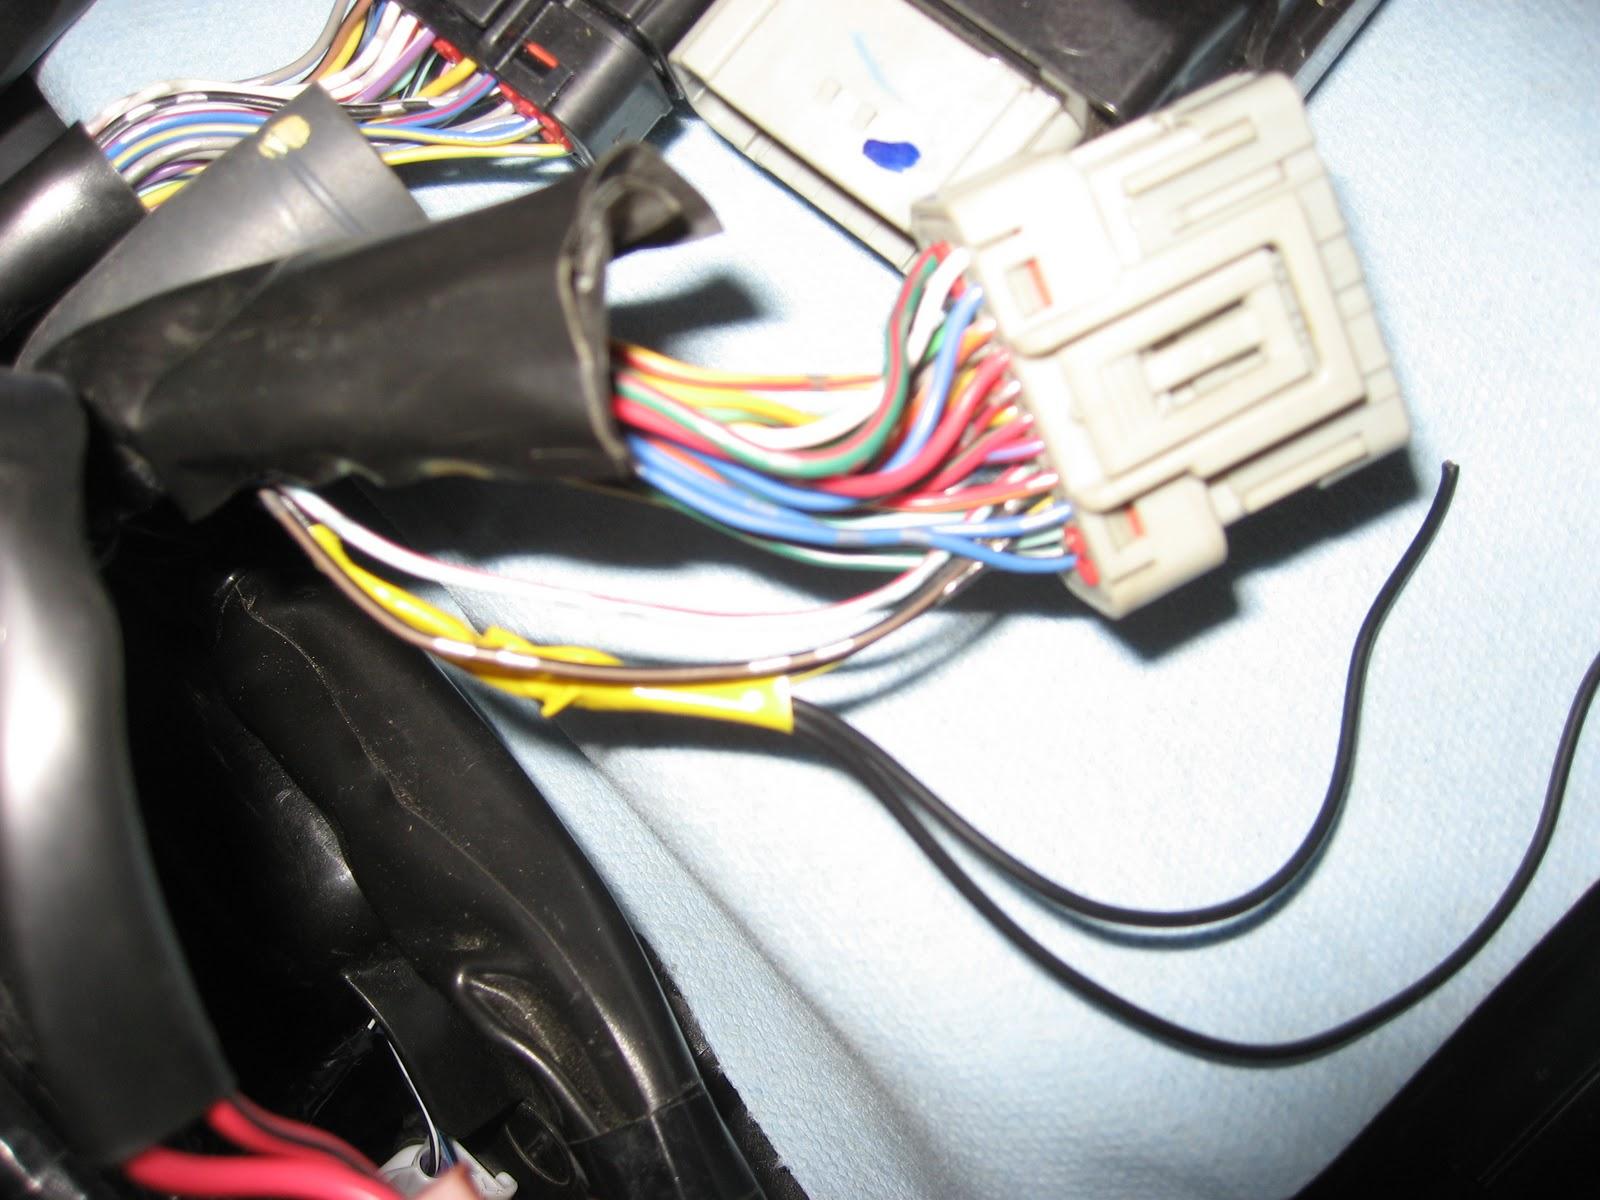 Honda Vfr1200f Weblog  Gear Position Sensor Mod    Or